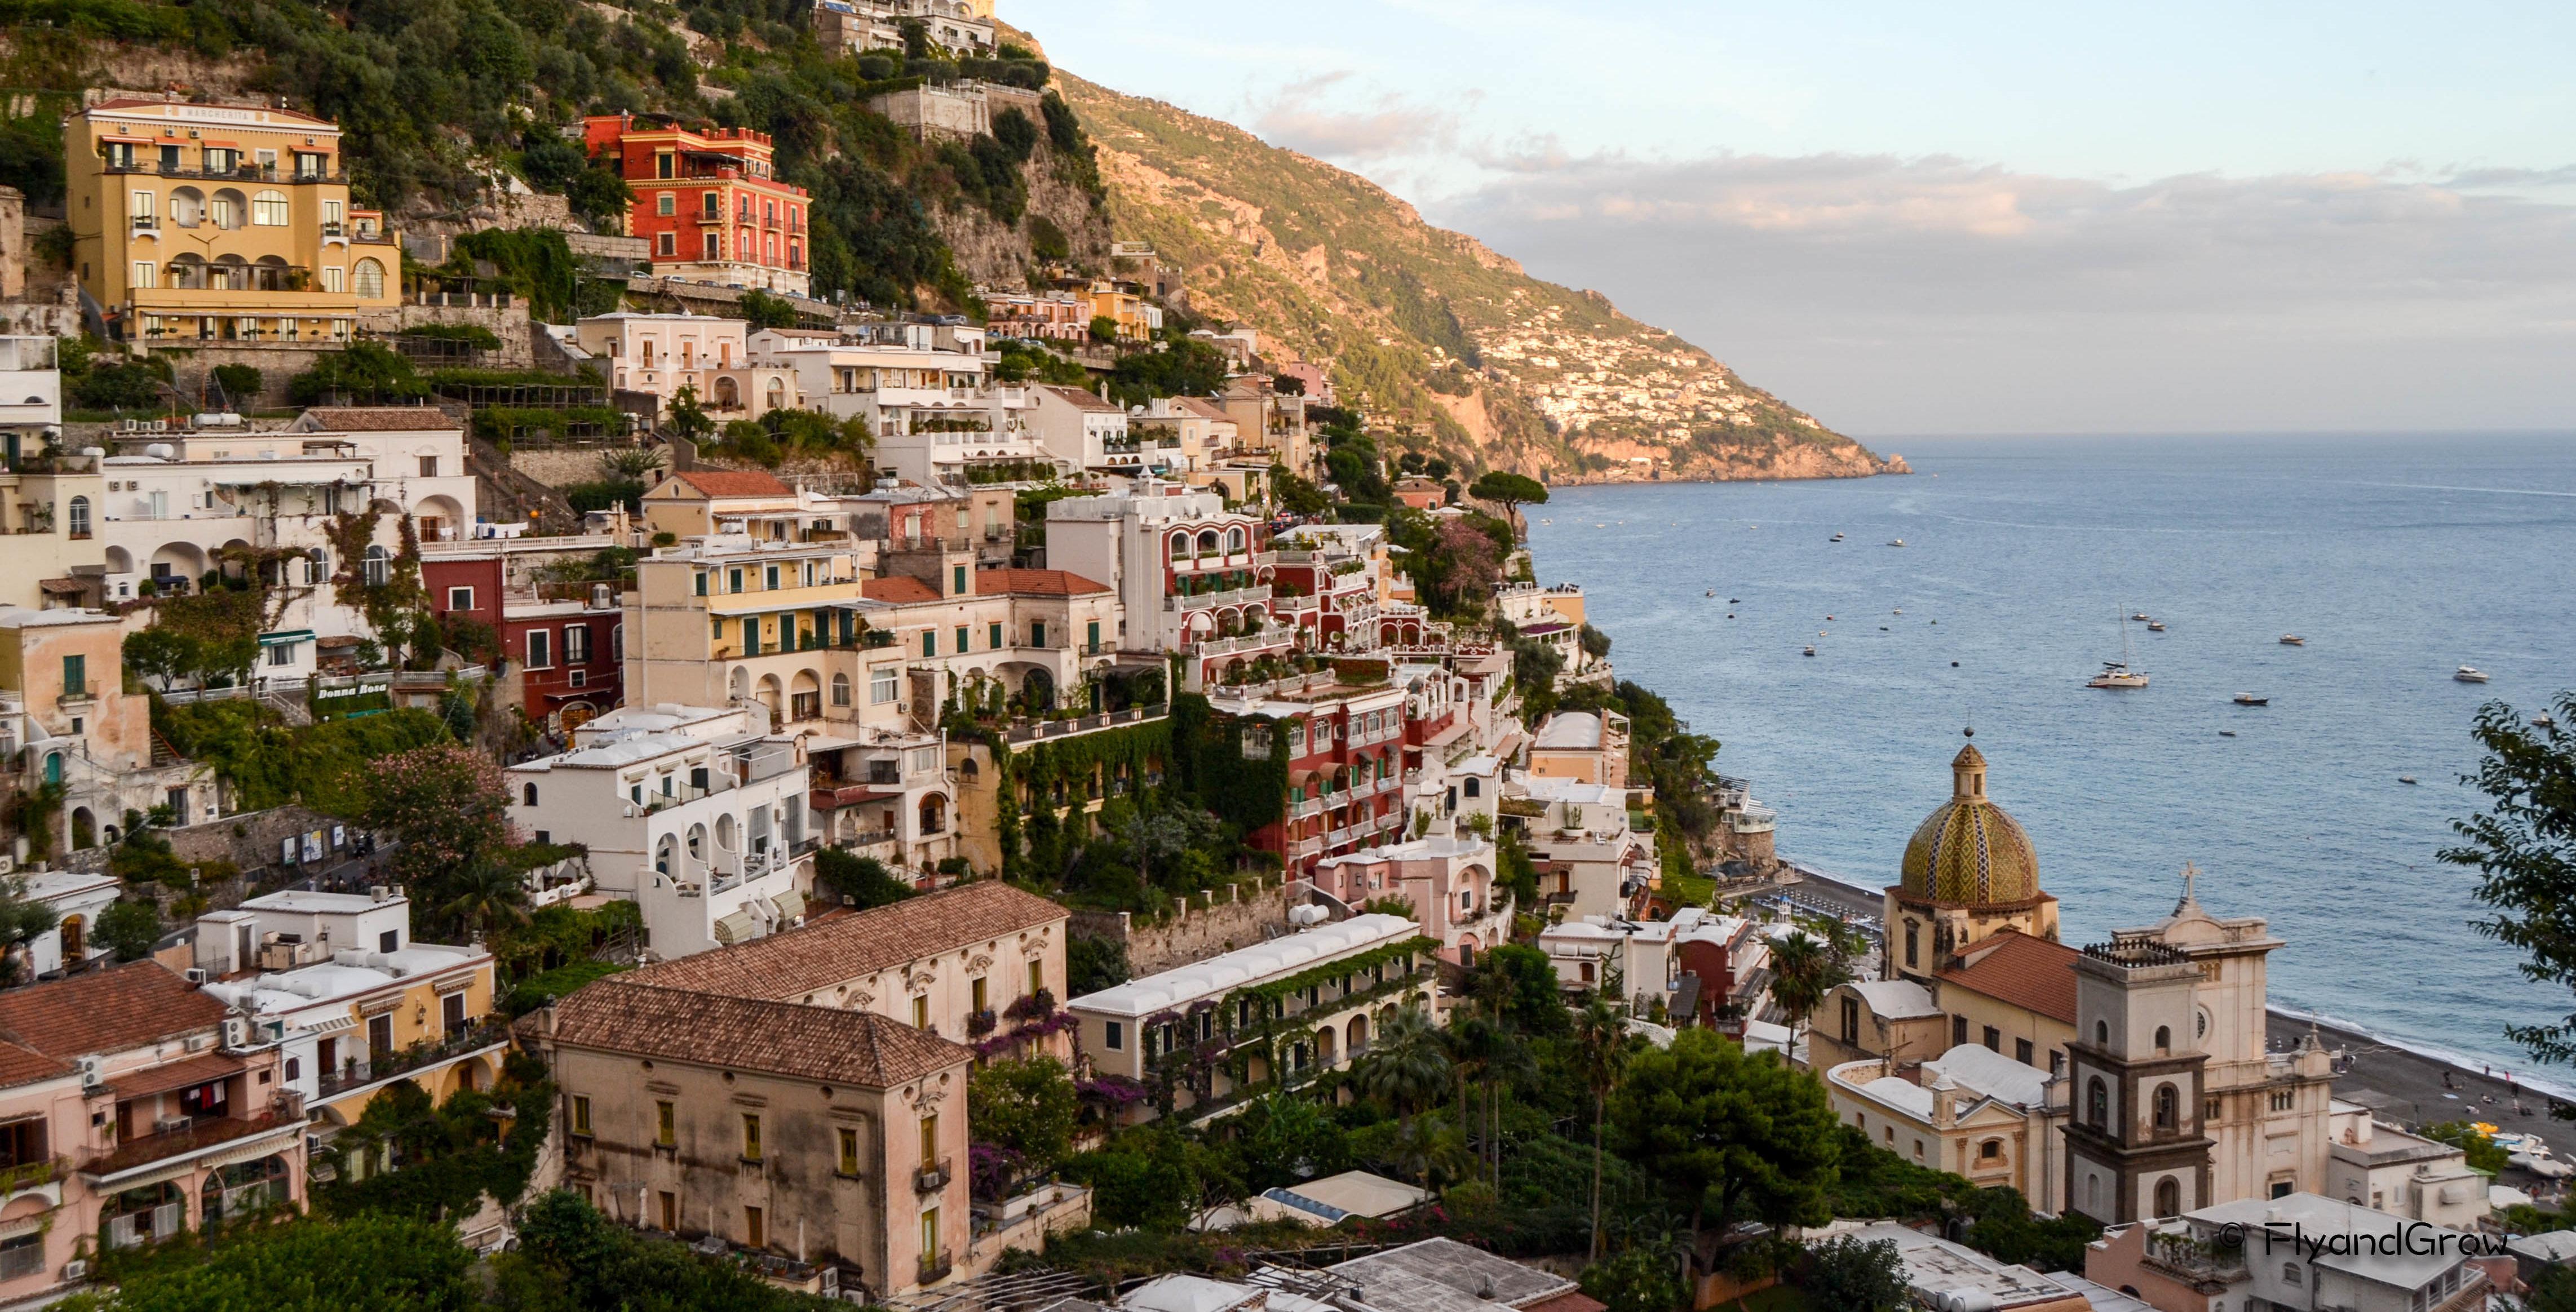 Un día en la Costa Amalfitana